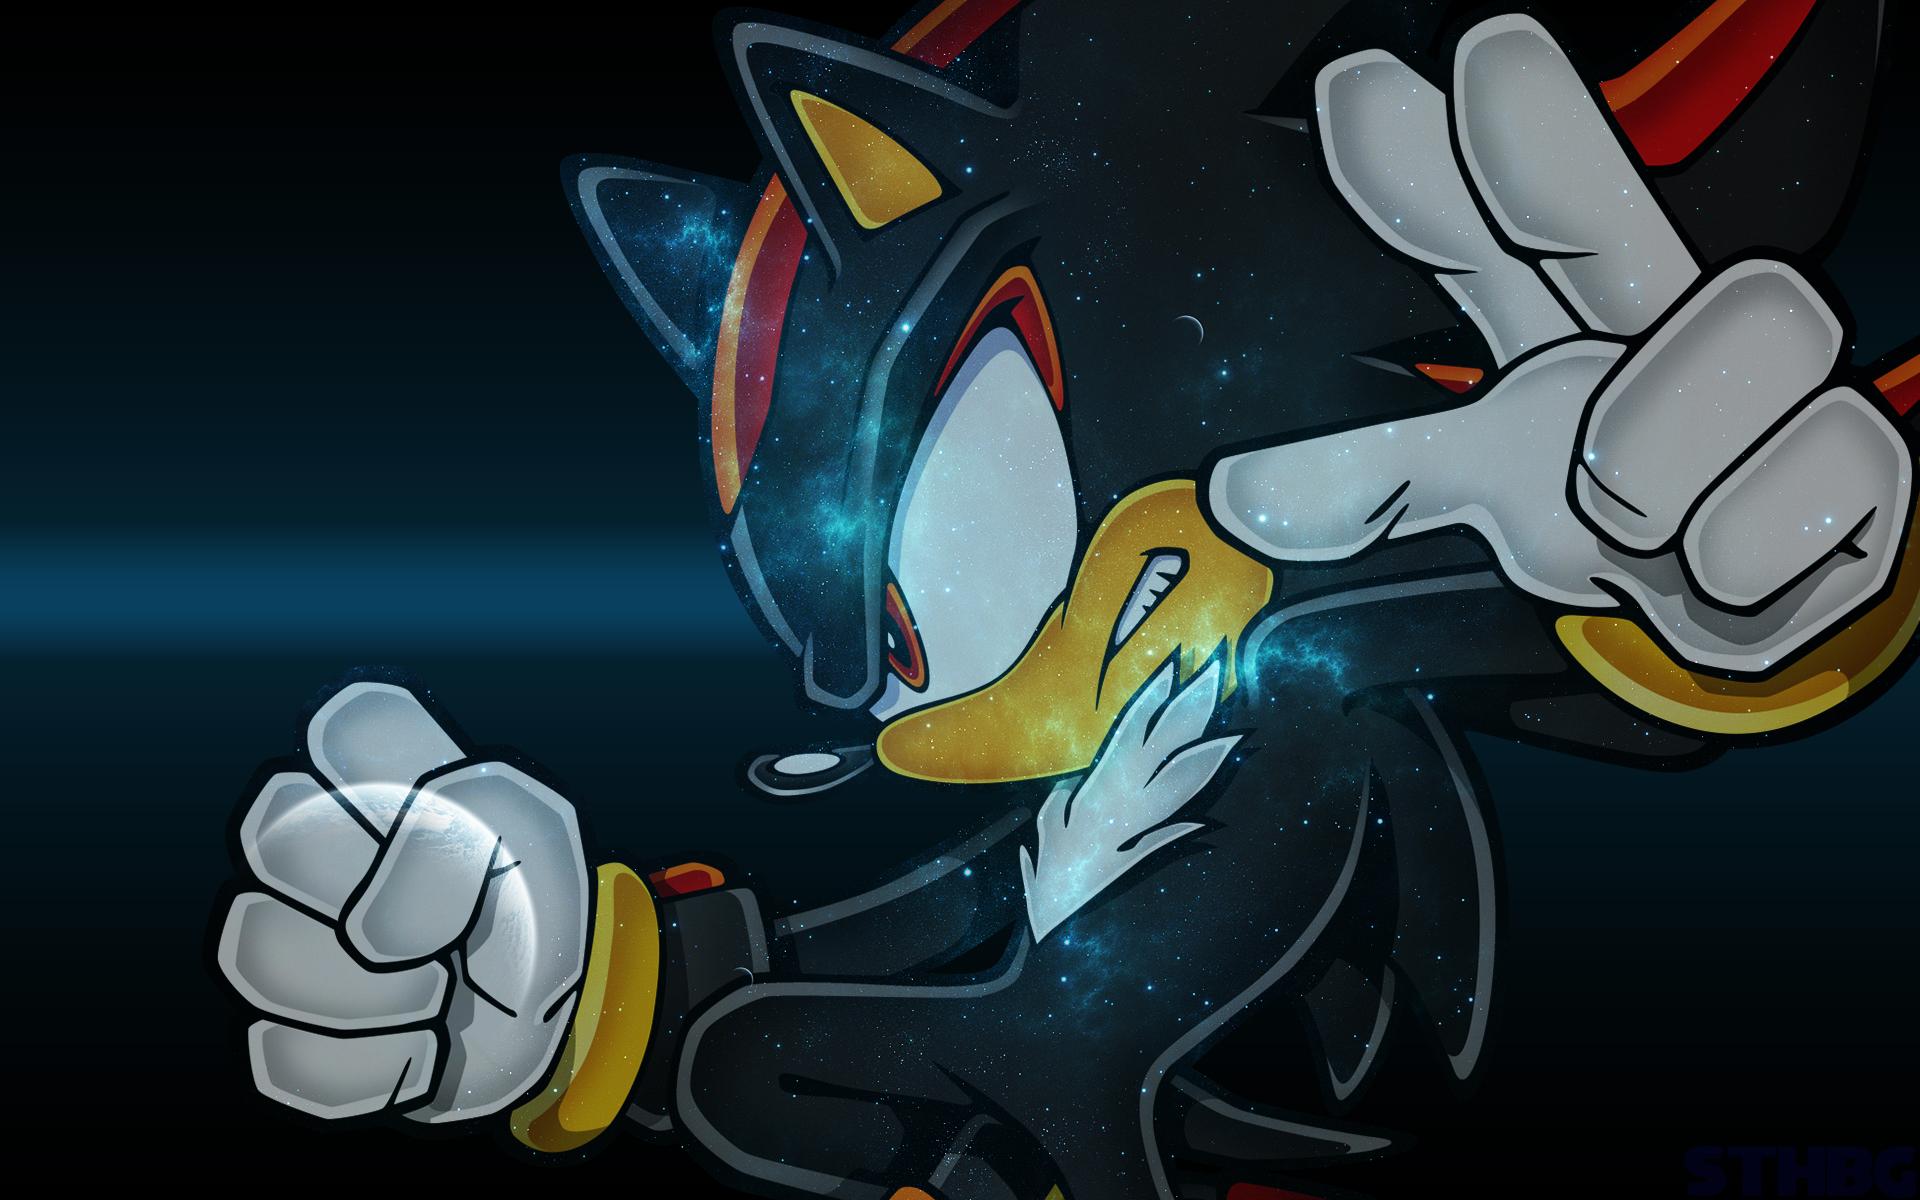 Shadow The Hedgehog Fondo De Pantalla Hd Fondo De